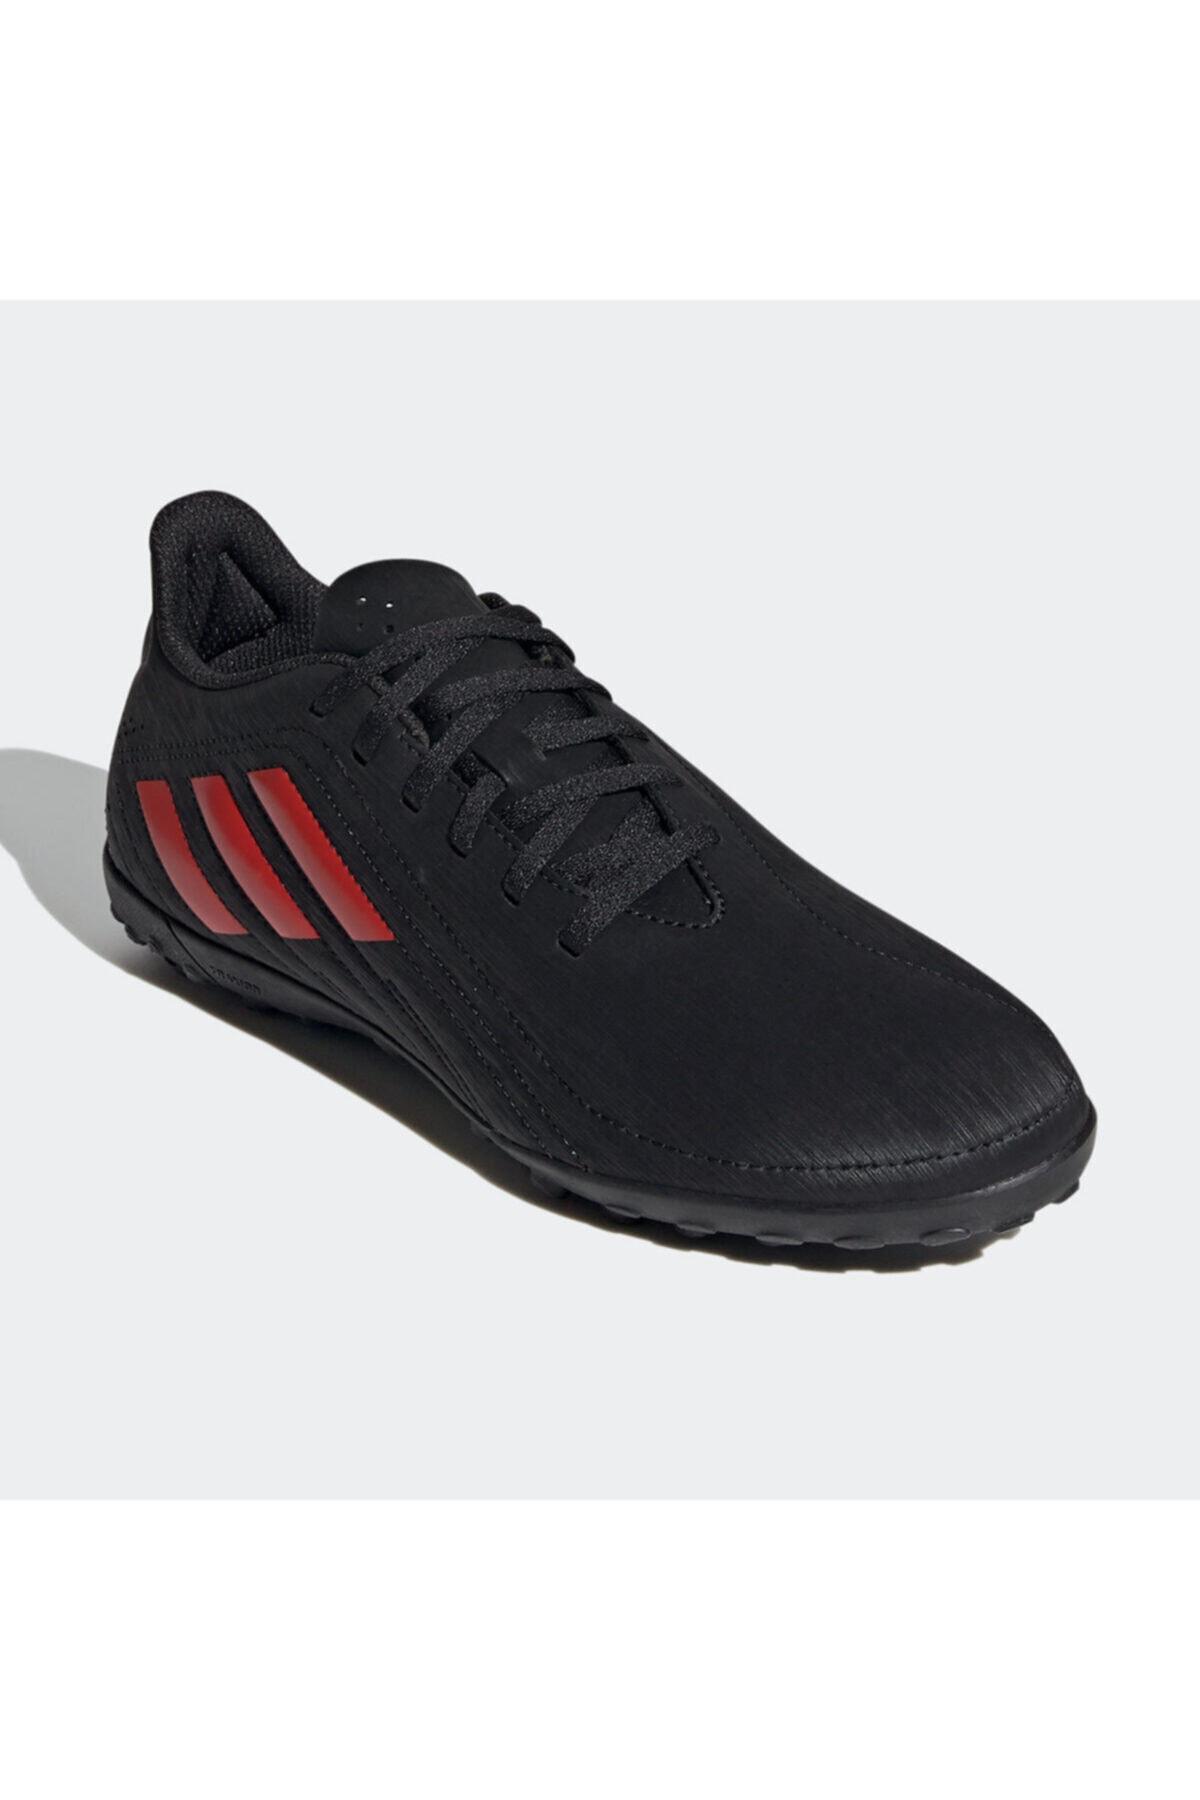 adidas DEPORTIVO TF Siyah Erkek Halı Saha Ayakkabısı 100663972 1